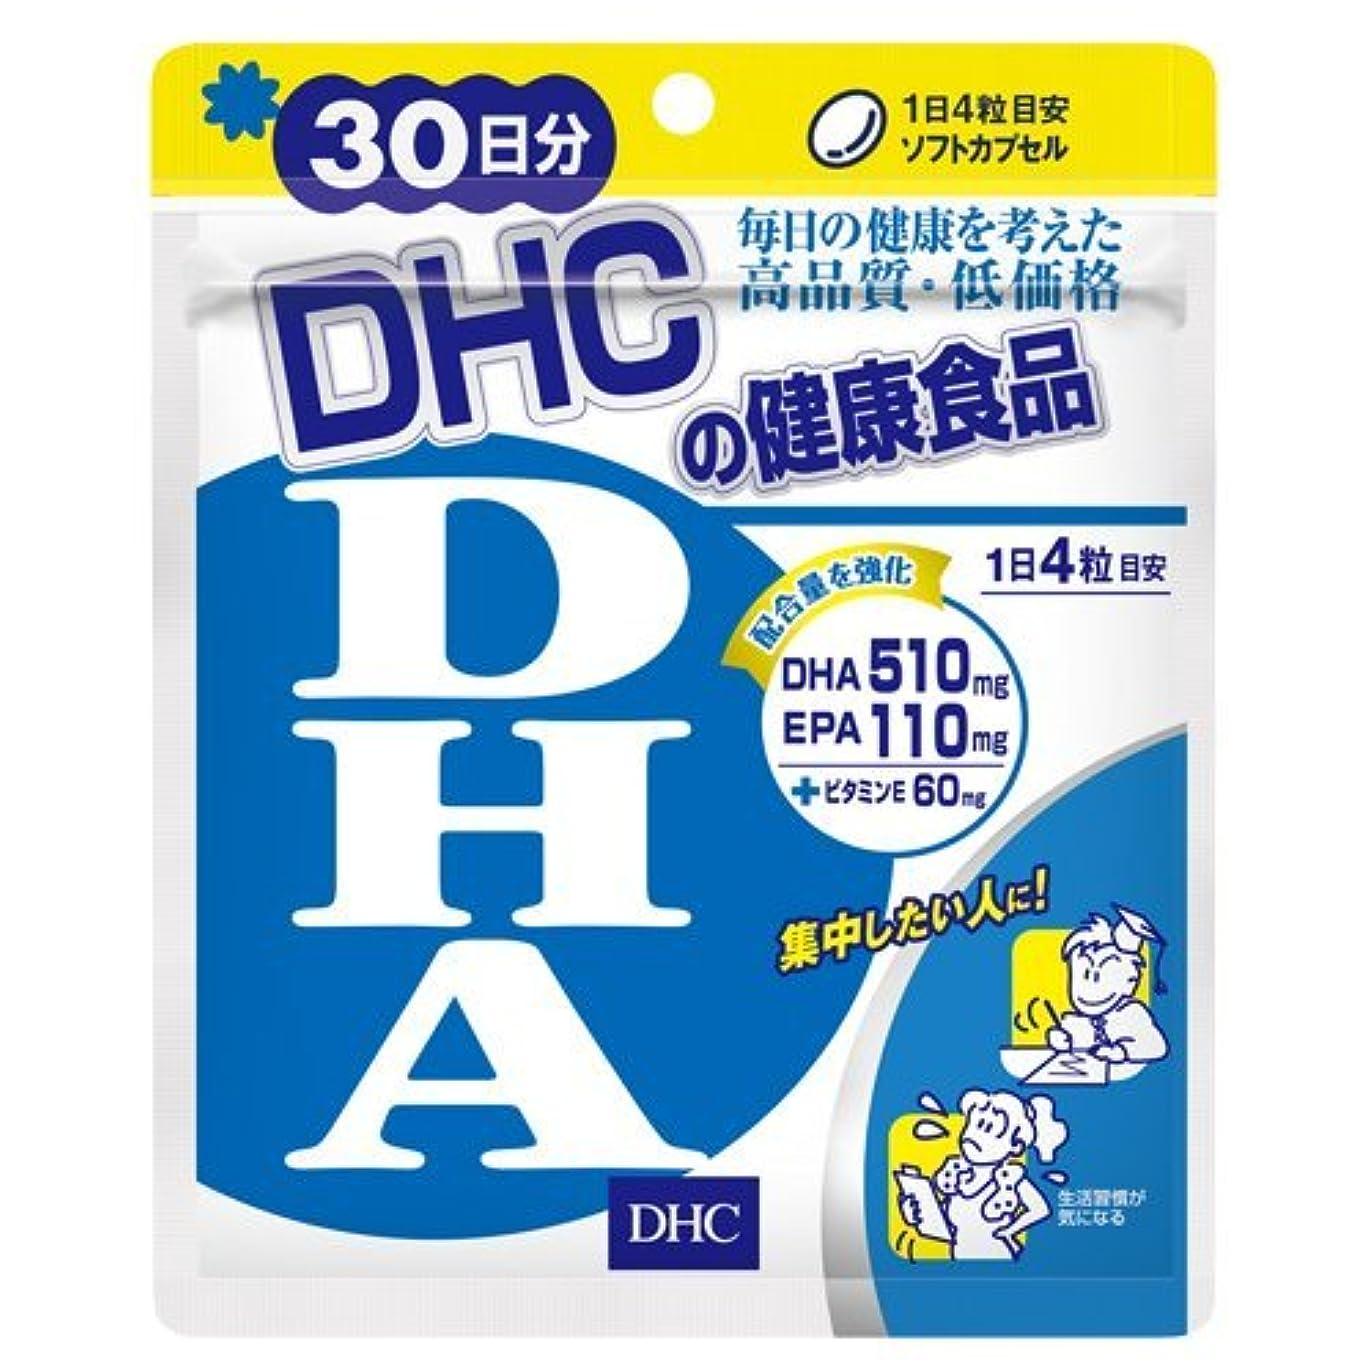 報奨金安全でないゴミ箱DHC DHA 30日分